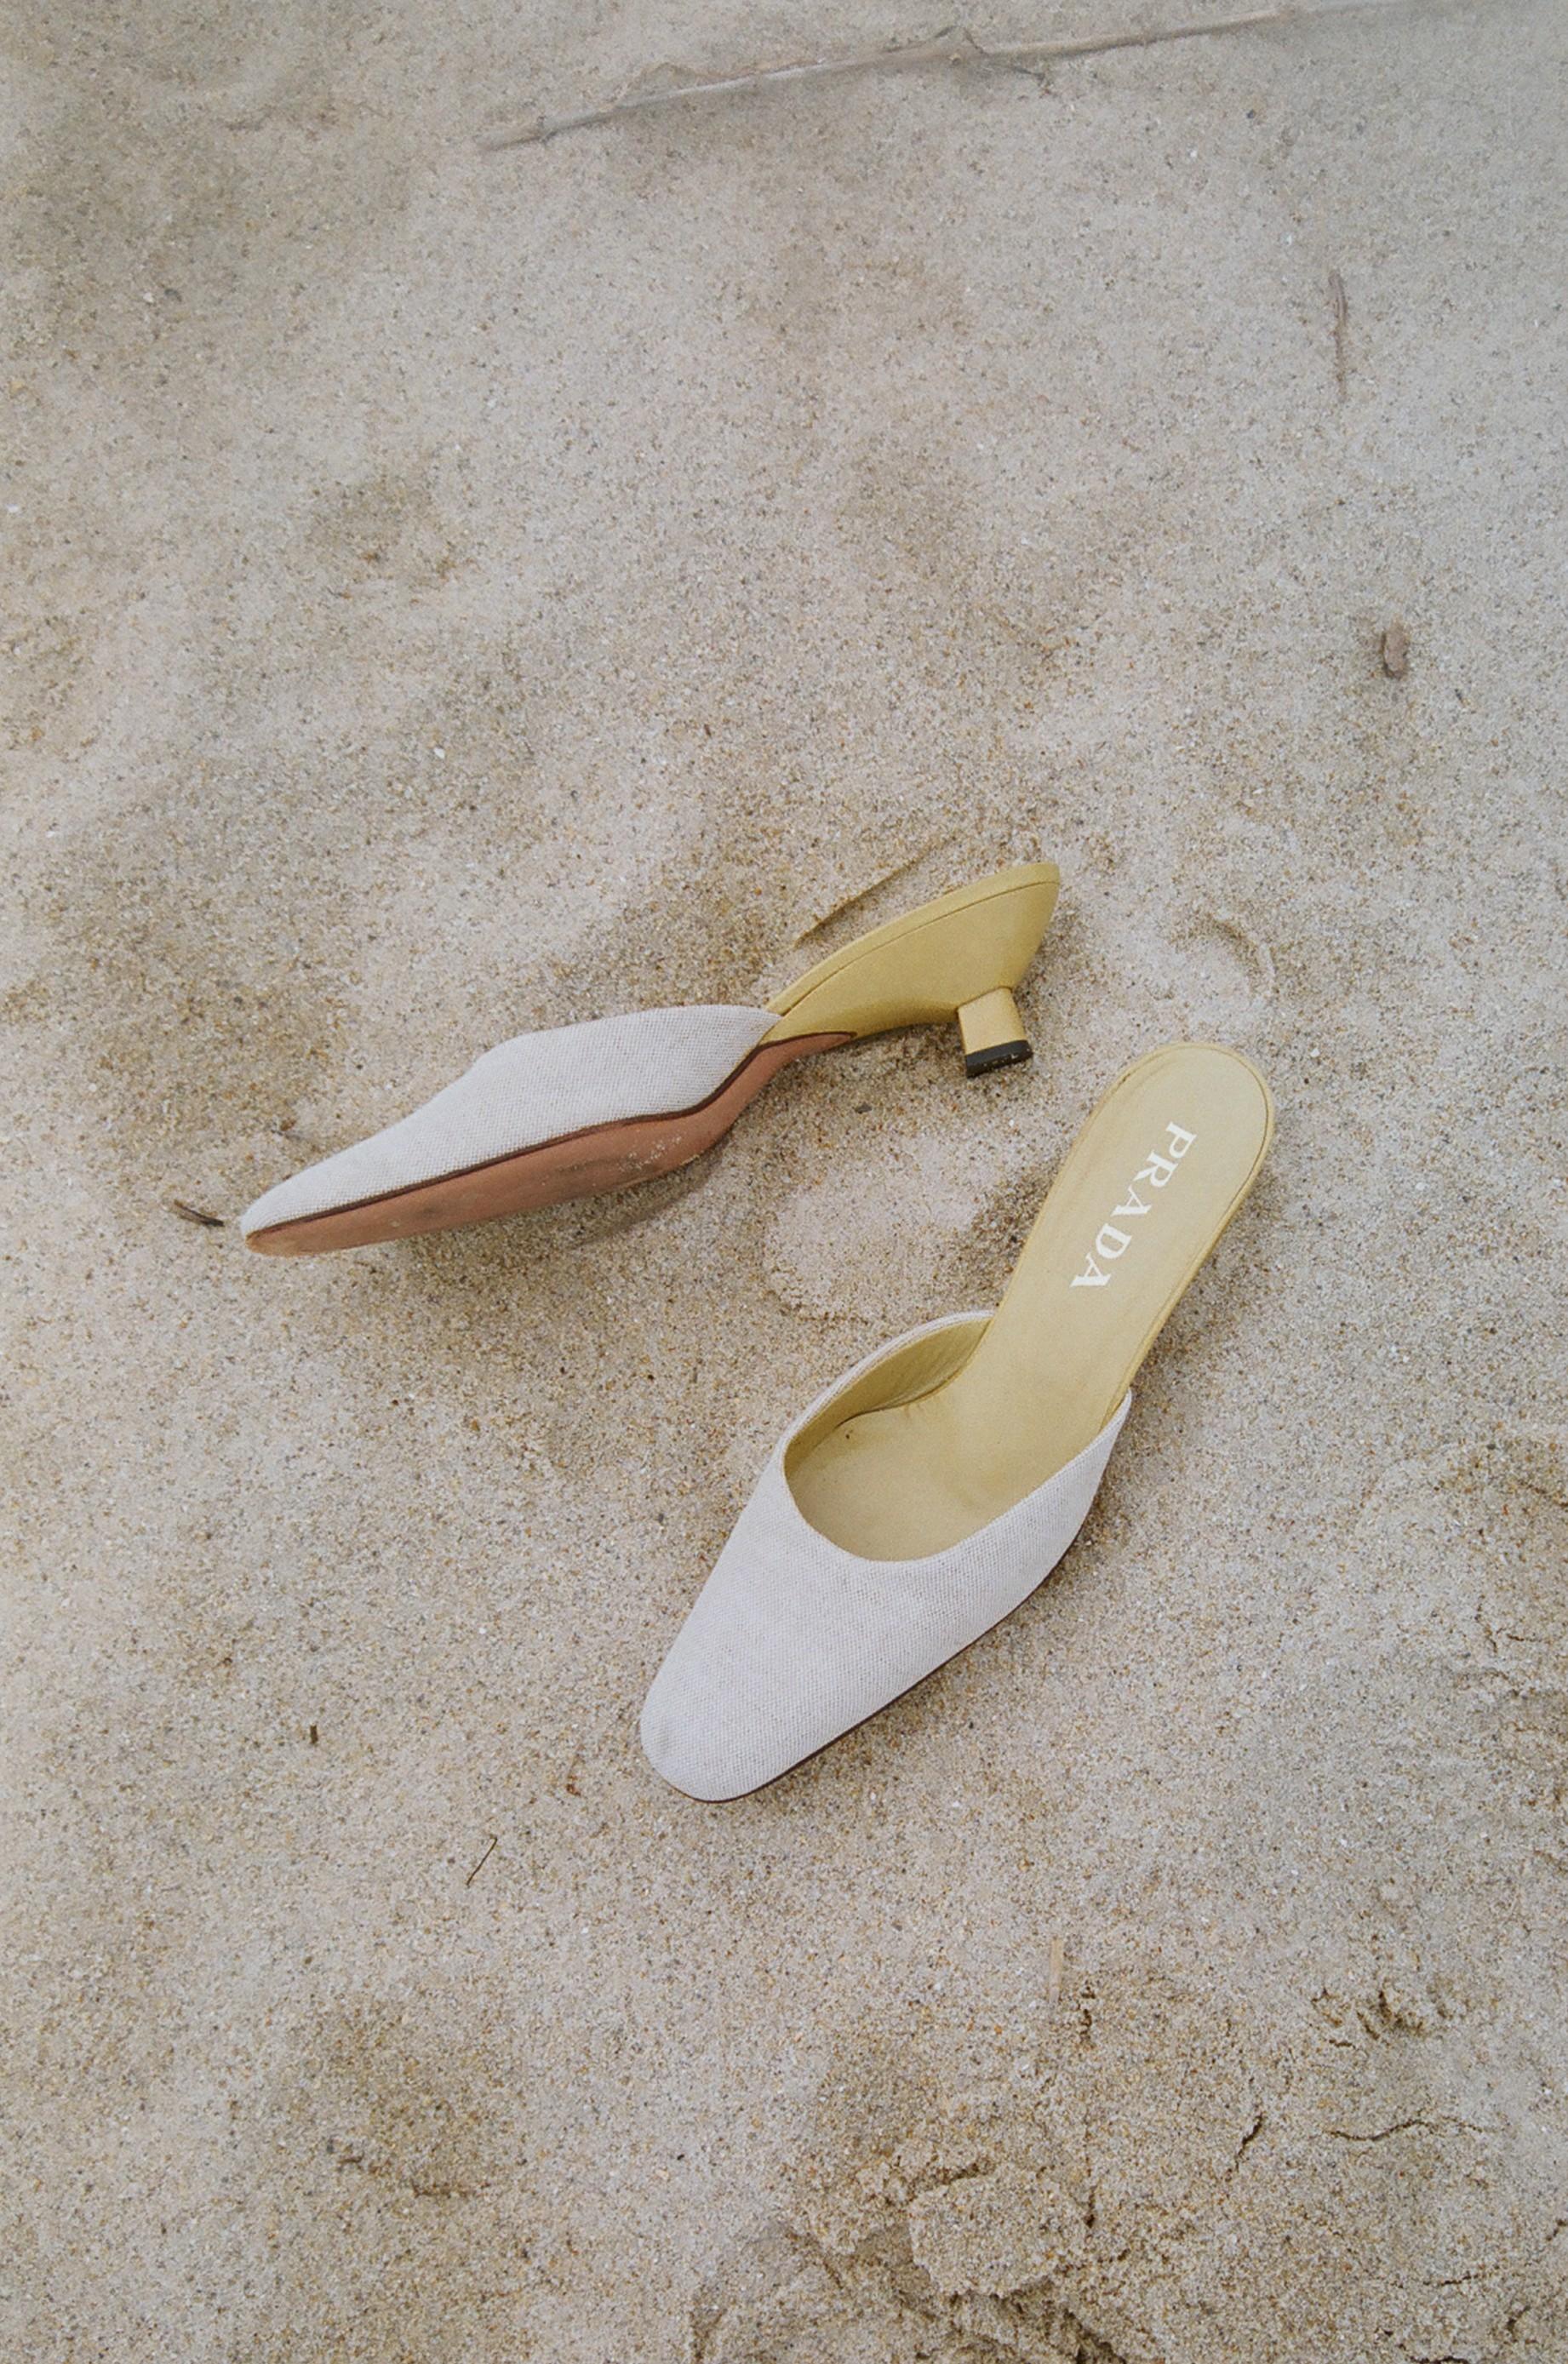 prada shoes 1.jpg